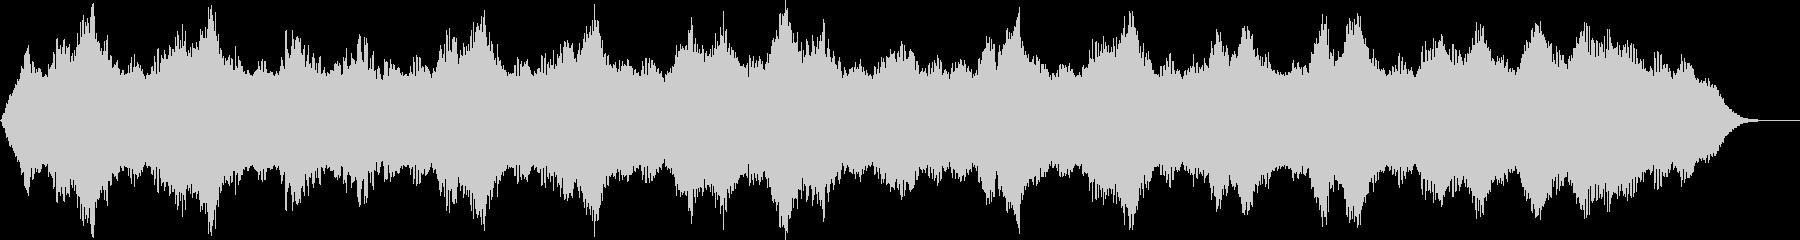 穏やかな癒し系アンビエント(B)の未再生の波形